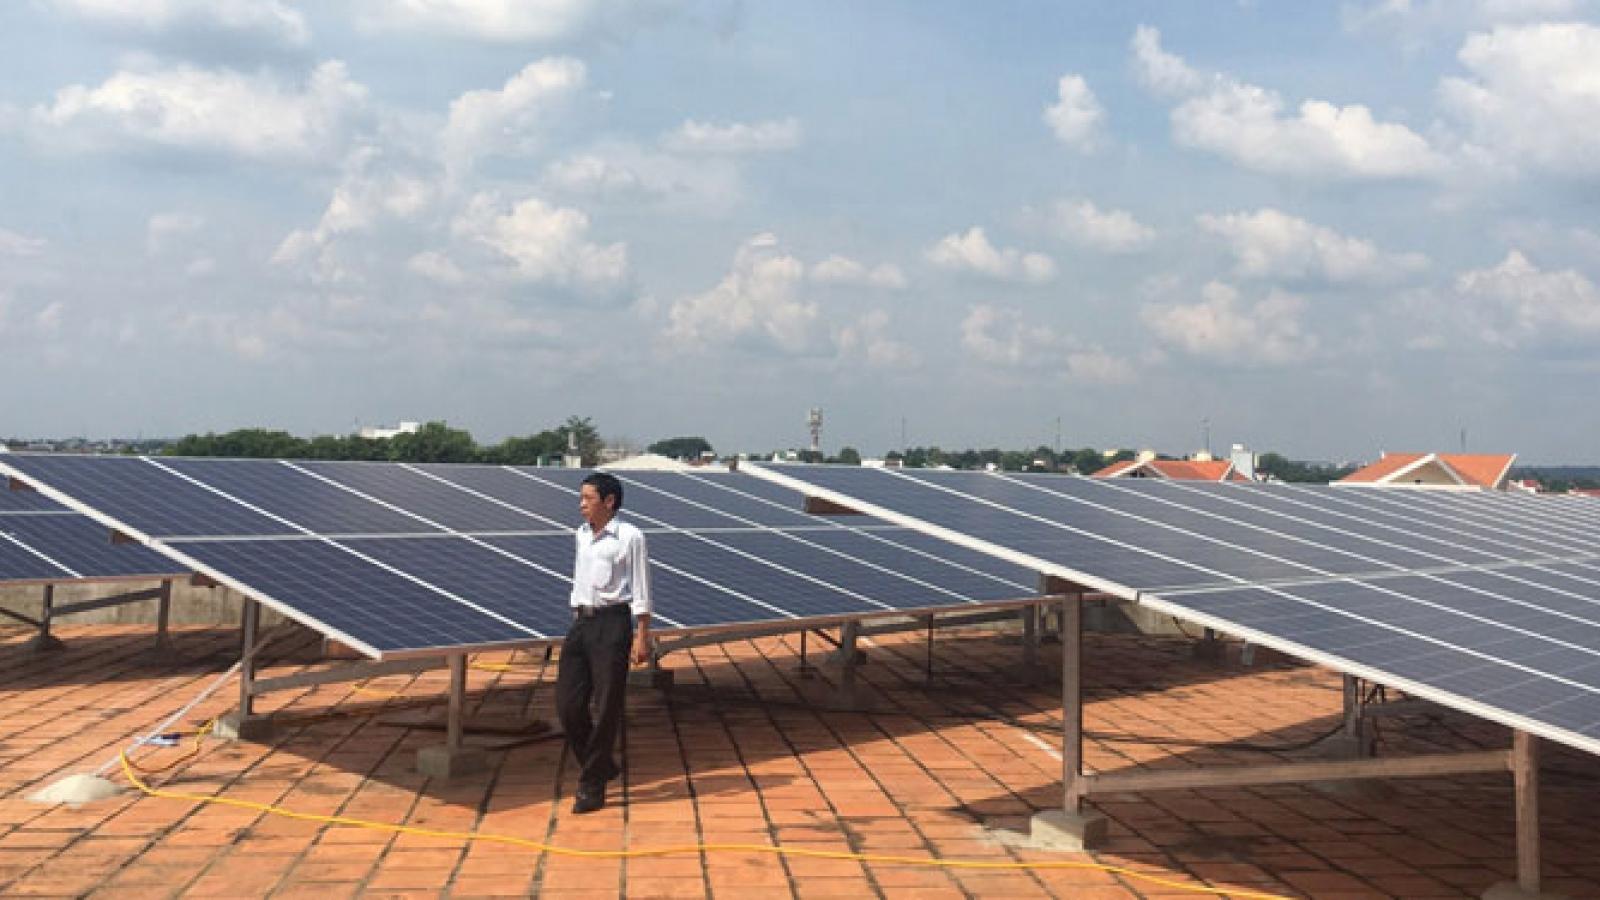 Tiết kiệm năng lượng, giải pháp đầu tư rẻ nhất đảm bảo an ninh năng lượng